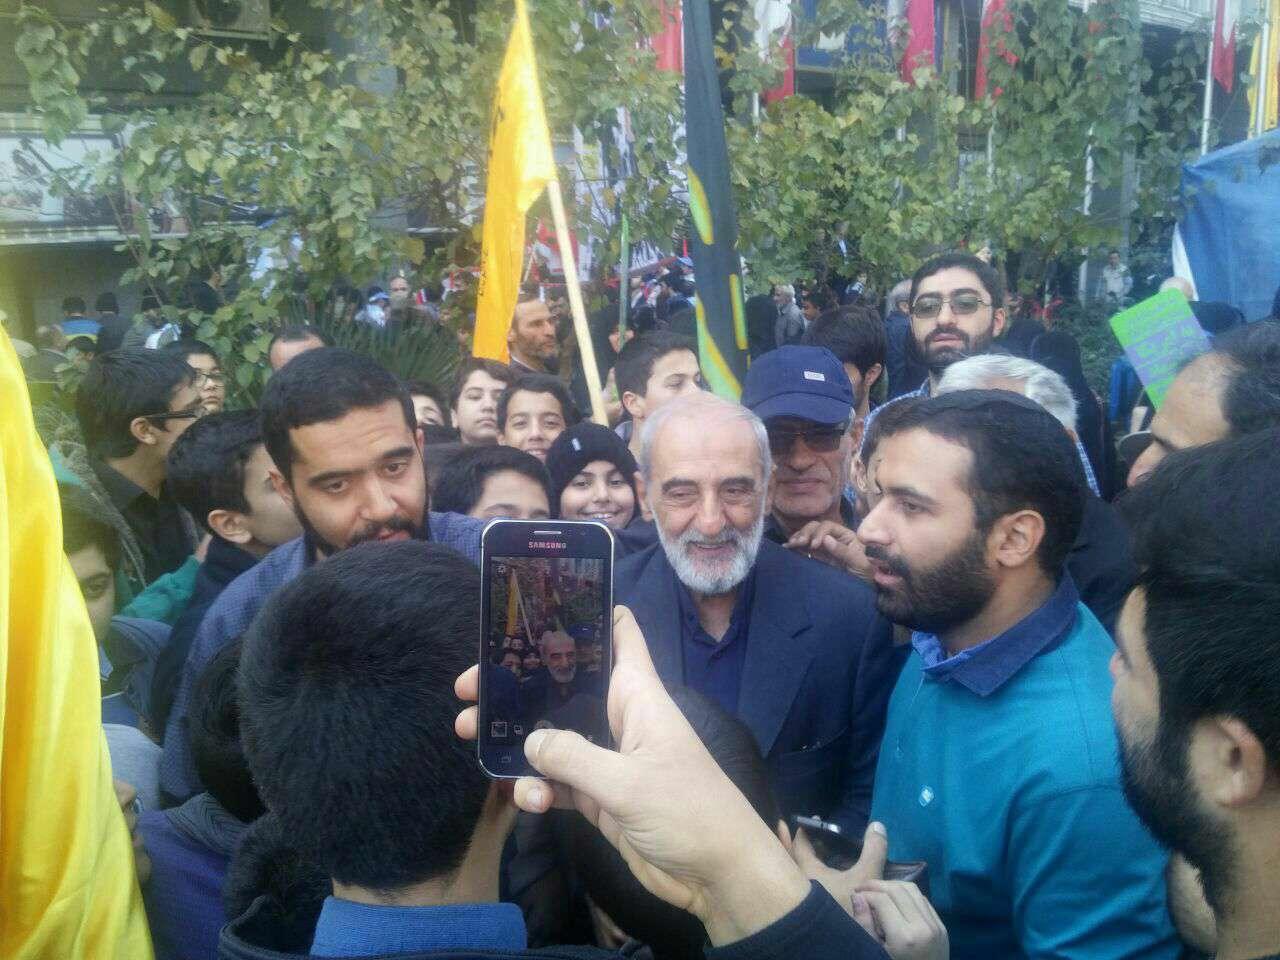 حضور حسین شریعتمداری مدیر مسئول روزنامه کیهان در راهپیمایی روز ملی مبارزه با استکبار جهانی